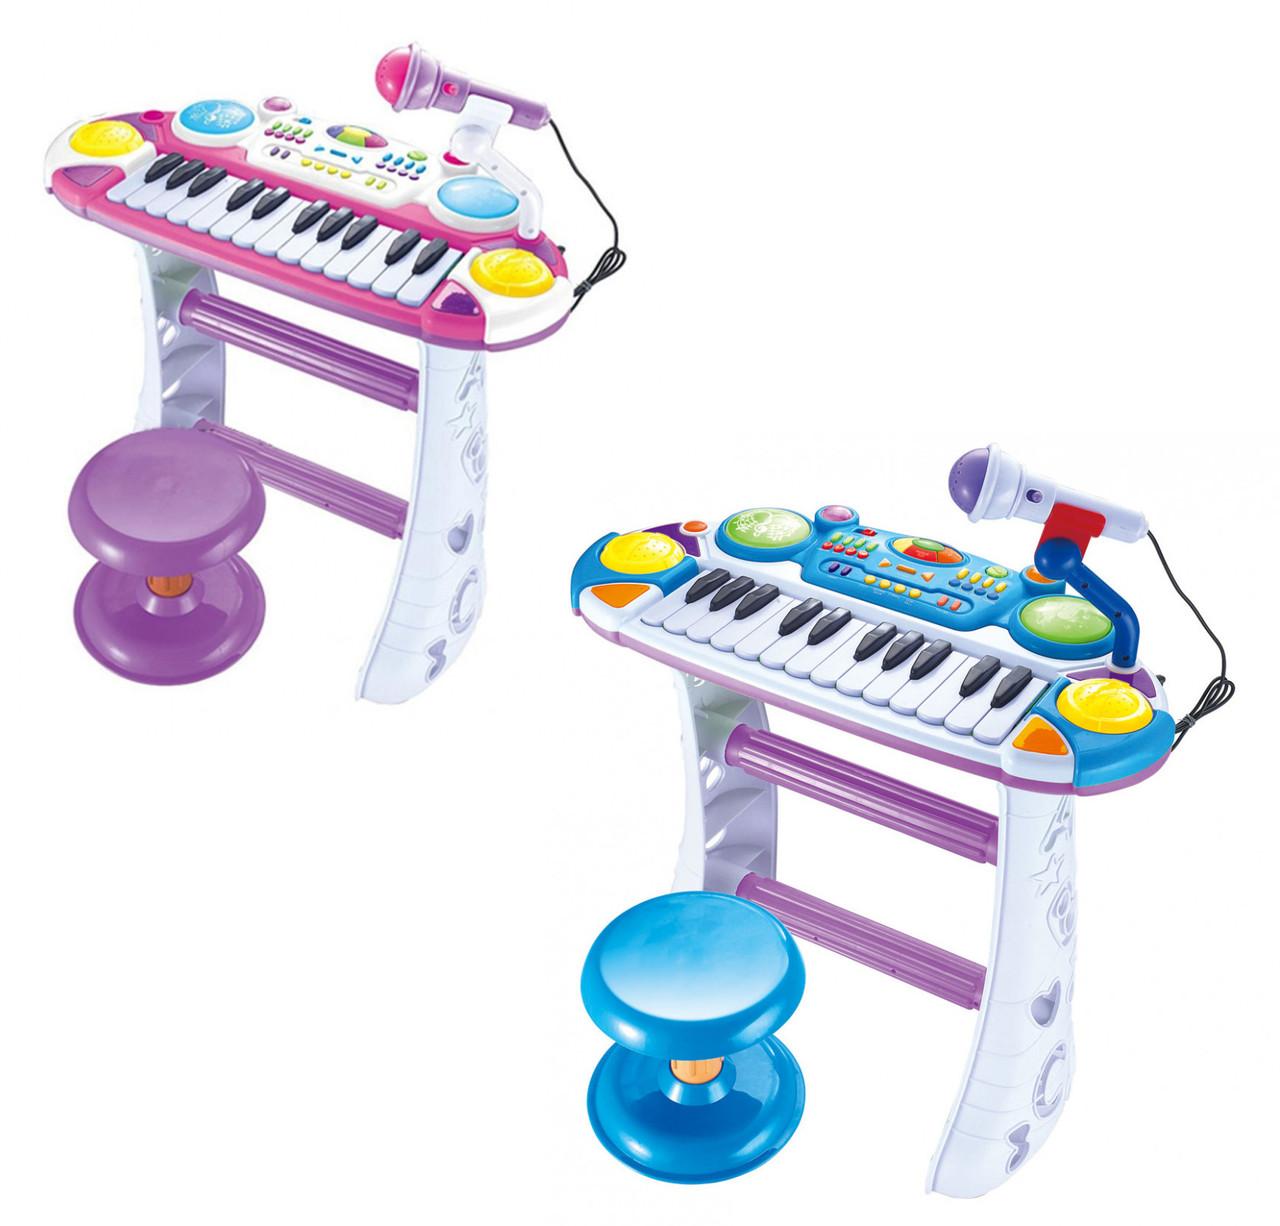 Детское пианино синтезатор Joy Toy 7235 с микрофоном